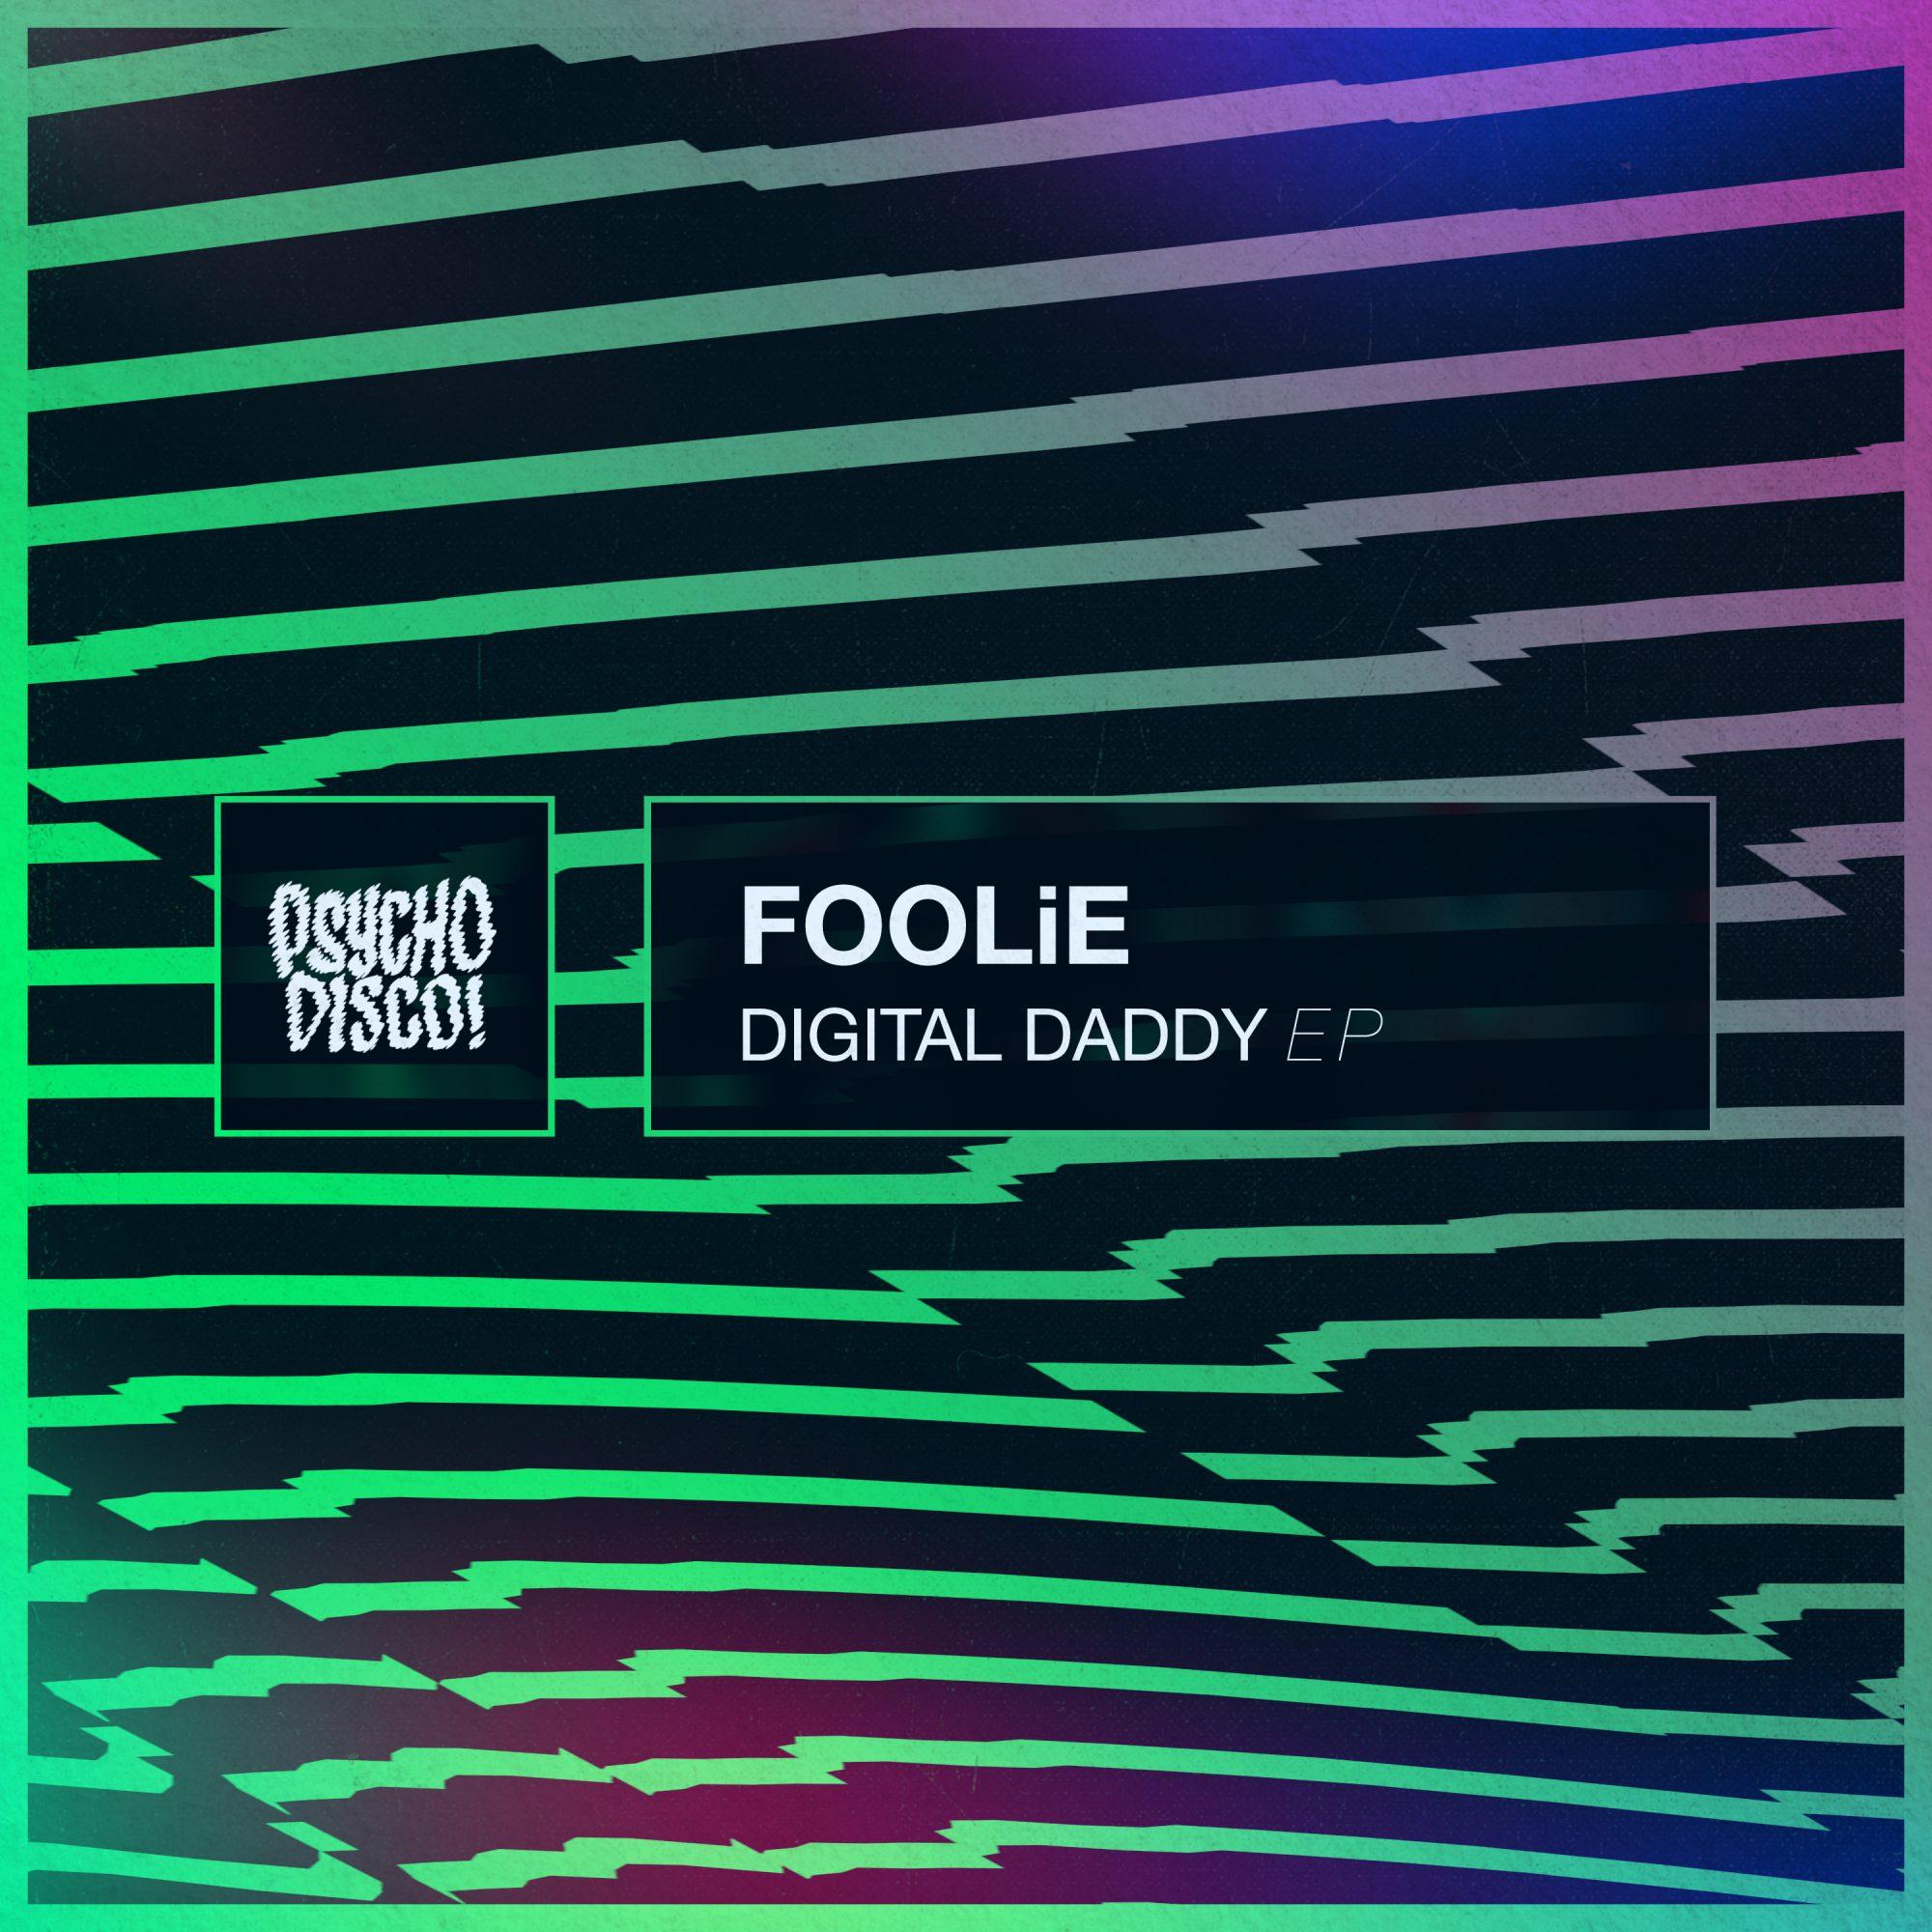 FOOLiE Digital Daddy EP